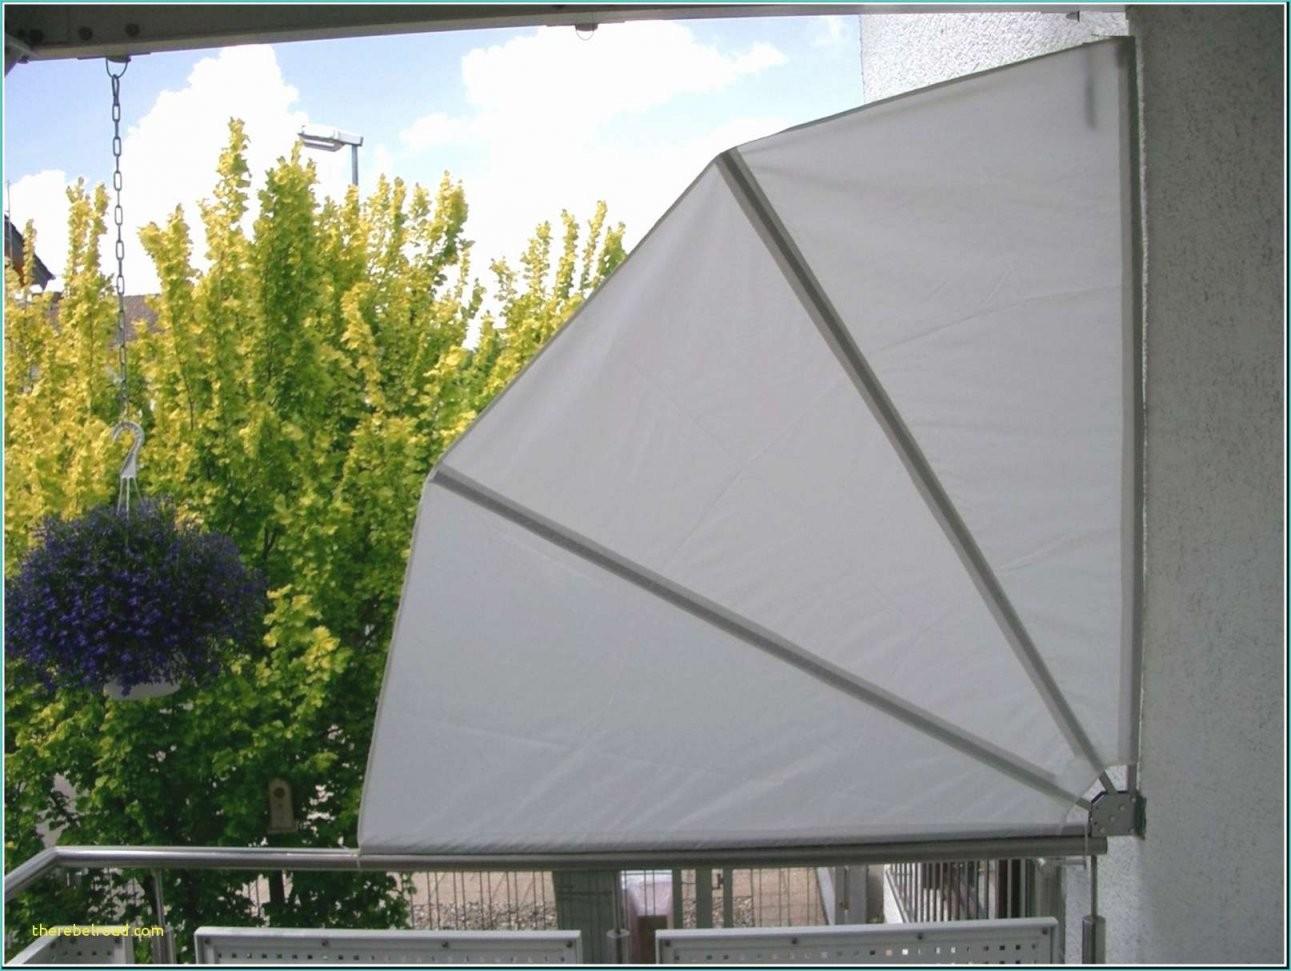 Balkon Markise Ohne Bohren Inspiration Von Sichtschutz Balkon Ohne von Sichtschutz Balkon Ohne Bohren Bild